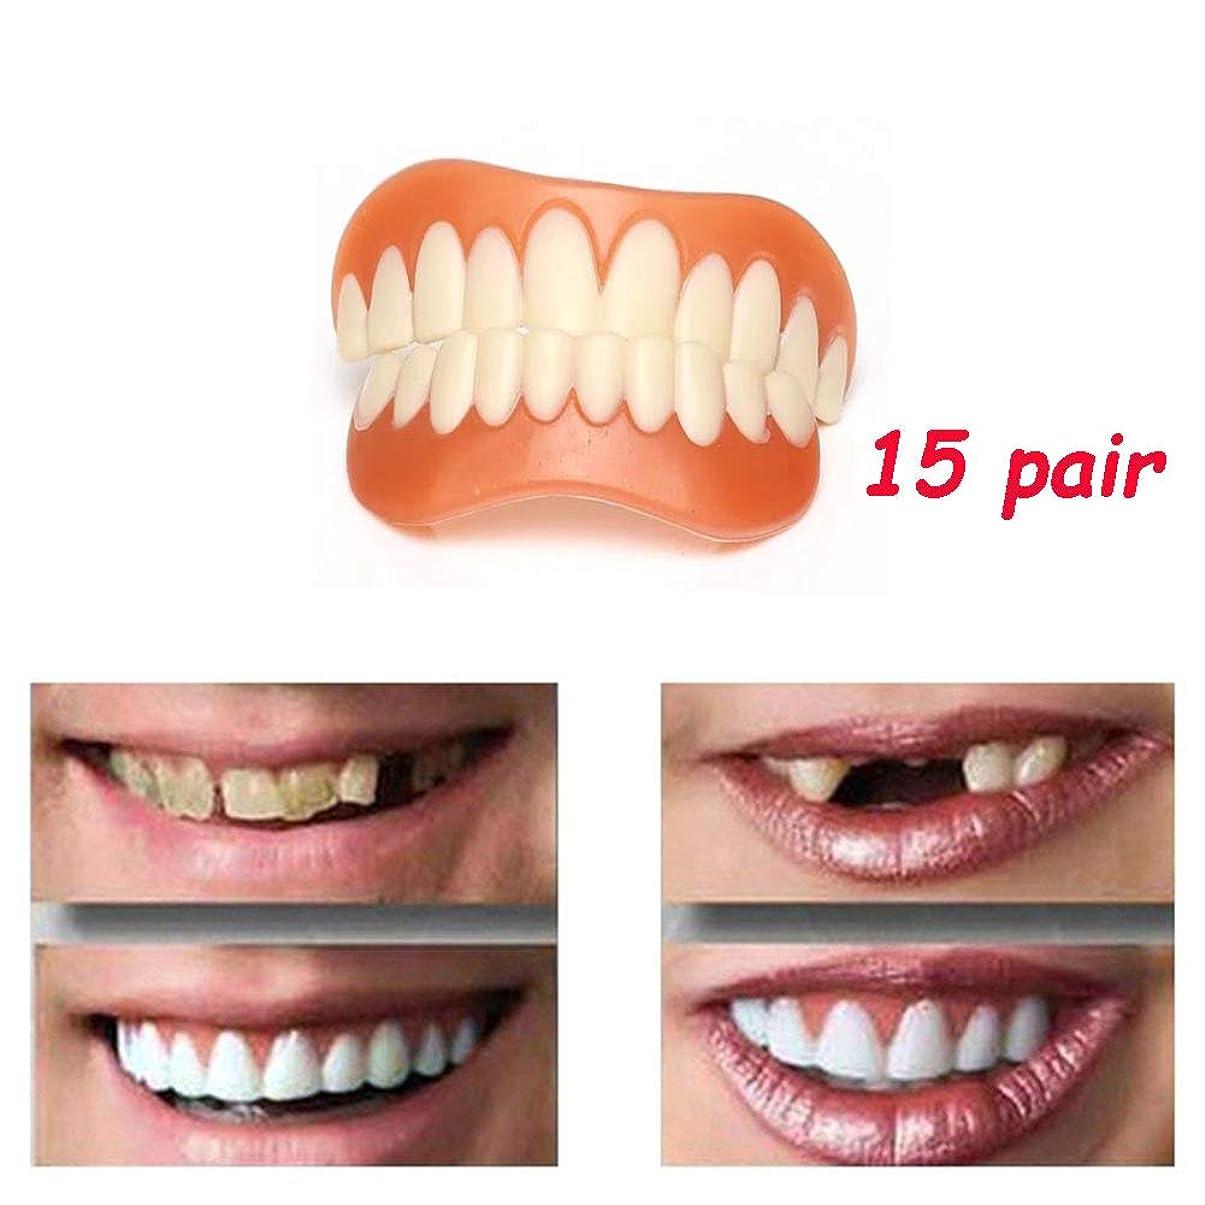 アカデミック経過ごみ15ペアプロフェッショナルパーフェクトスマイルベニア矯正歯ホワイトニングナチュラル高品質スナップパーフェクトスマイル歯快適な義歯ケアワンサイズ